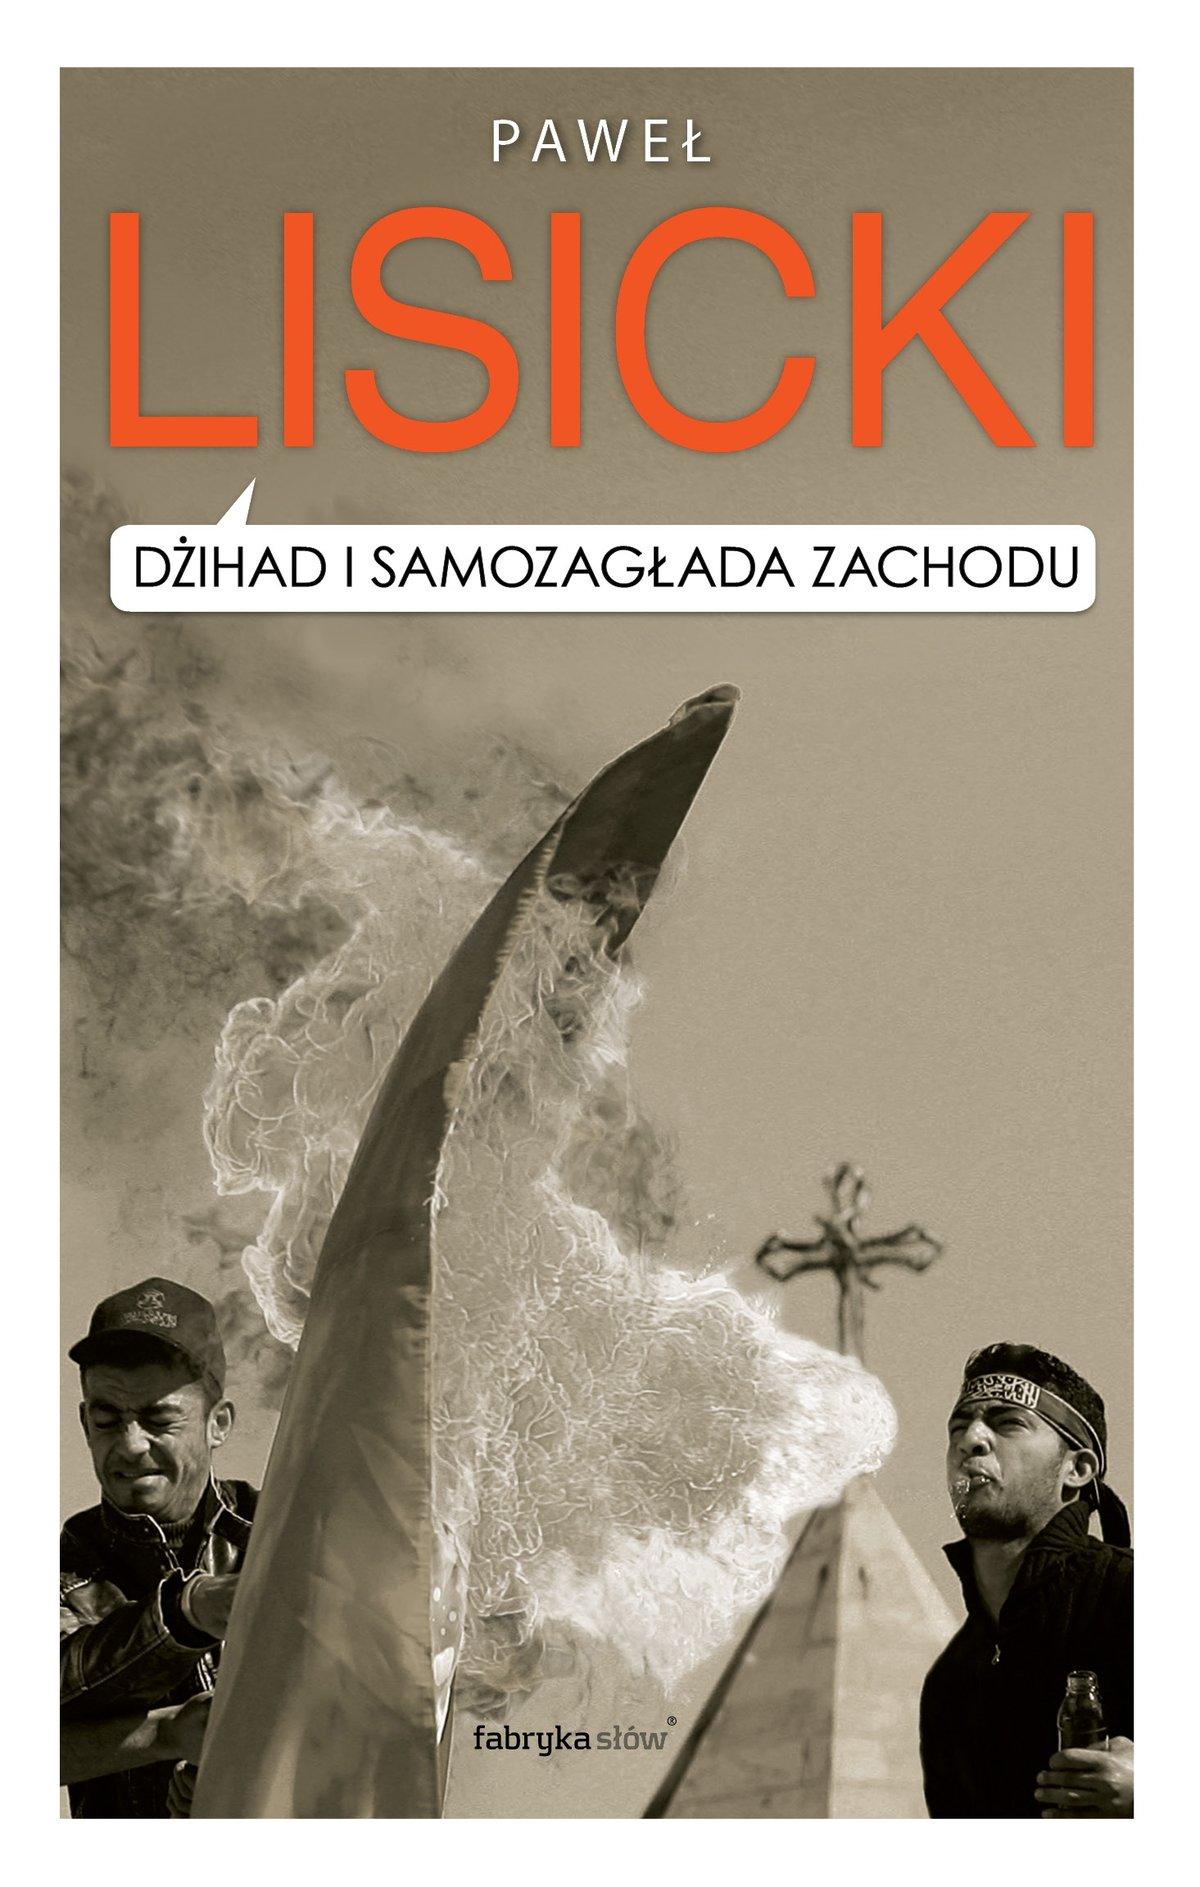 Dżihad i samozagłada Zachodu - Ebook (Książka EPUB) do pobrania w formacie EPUB